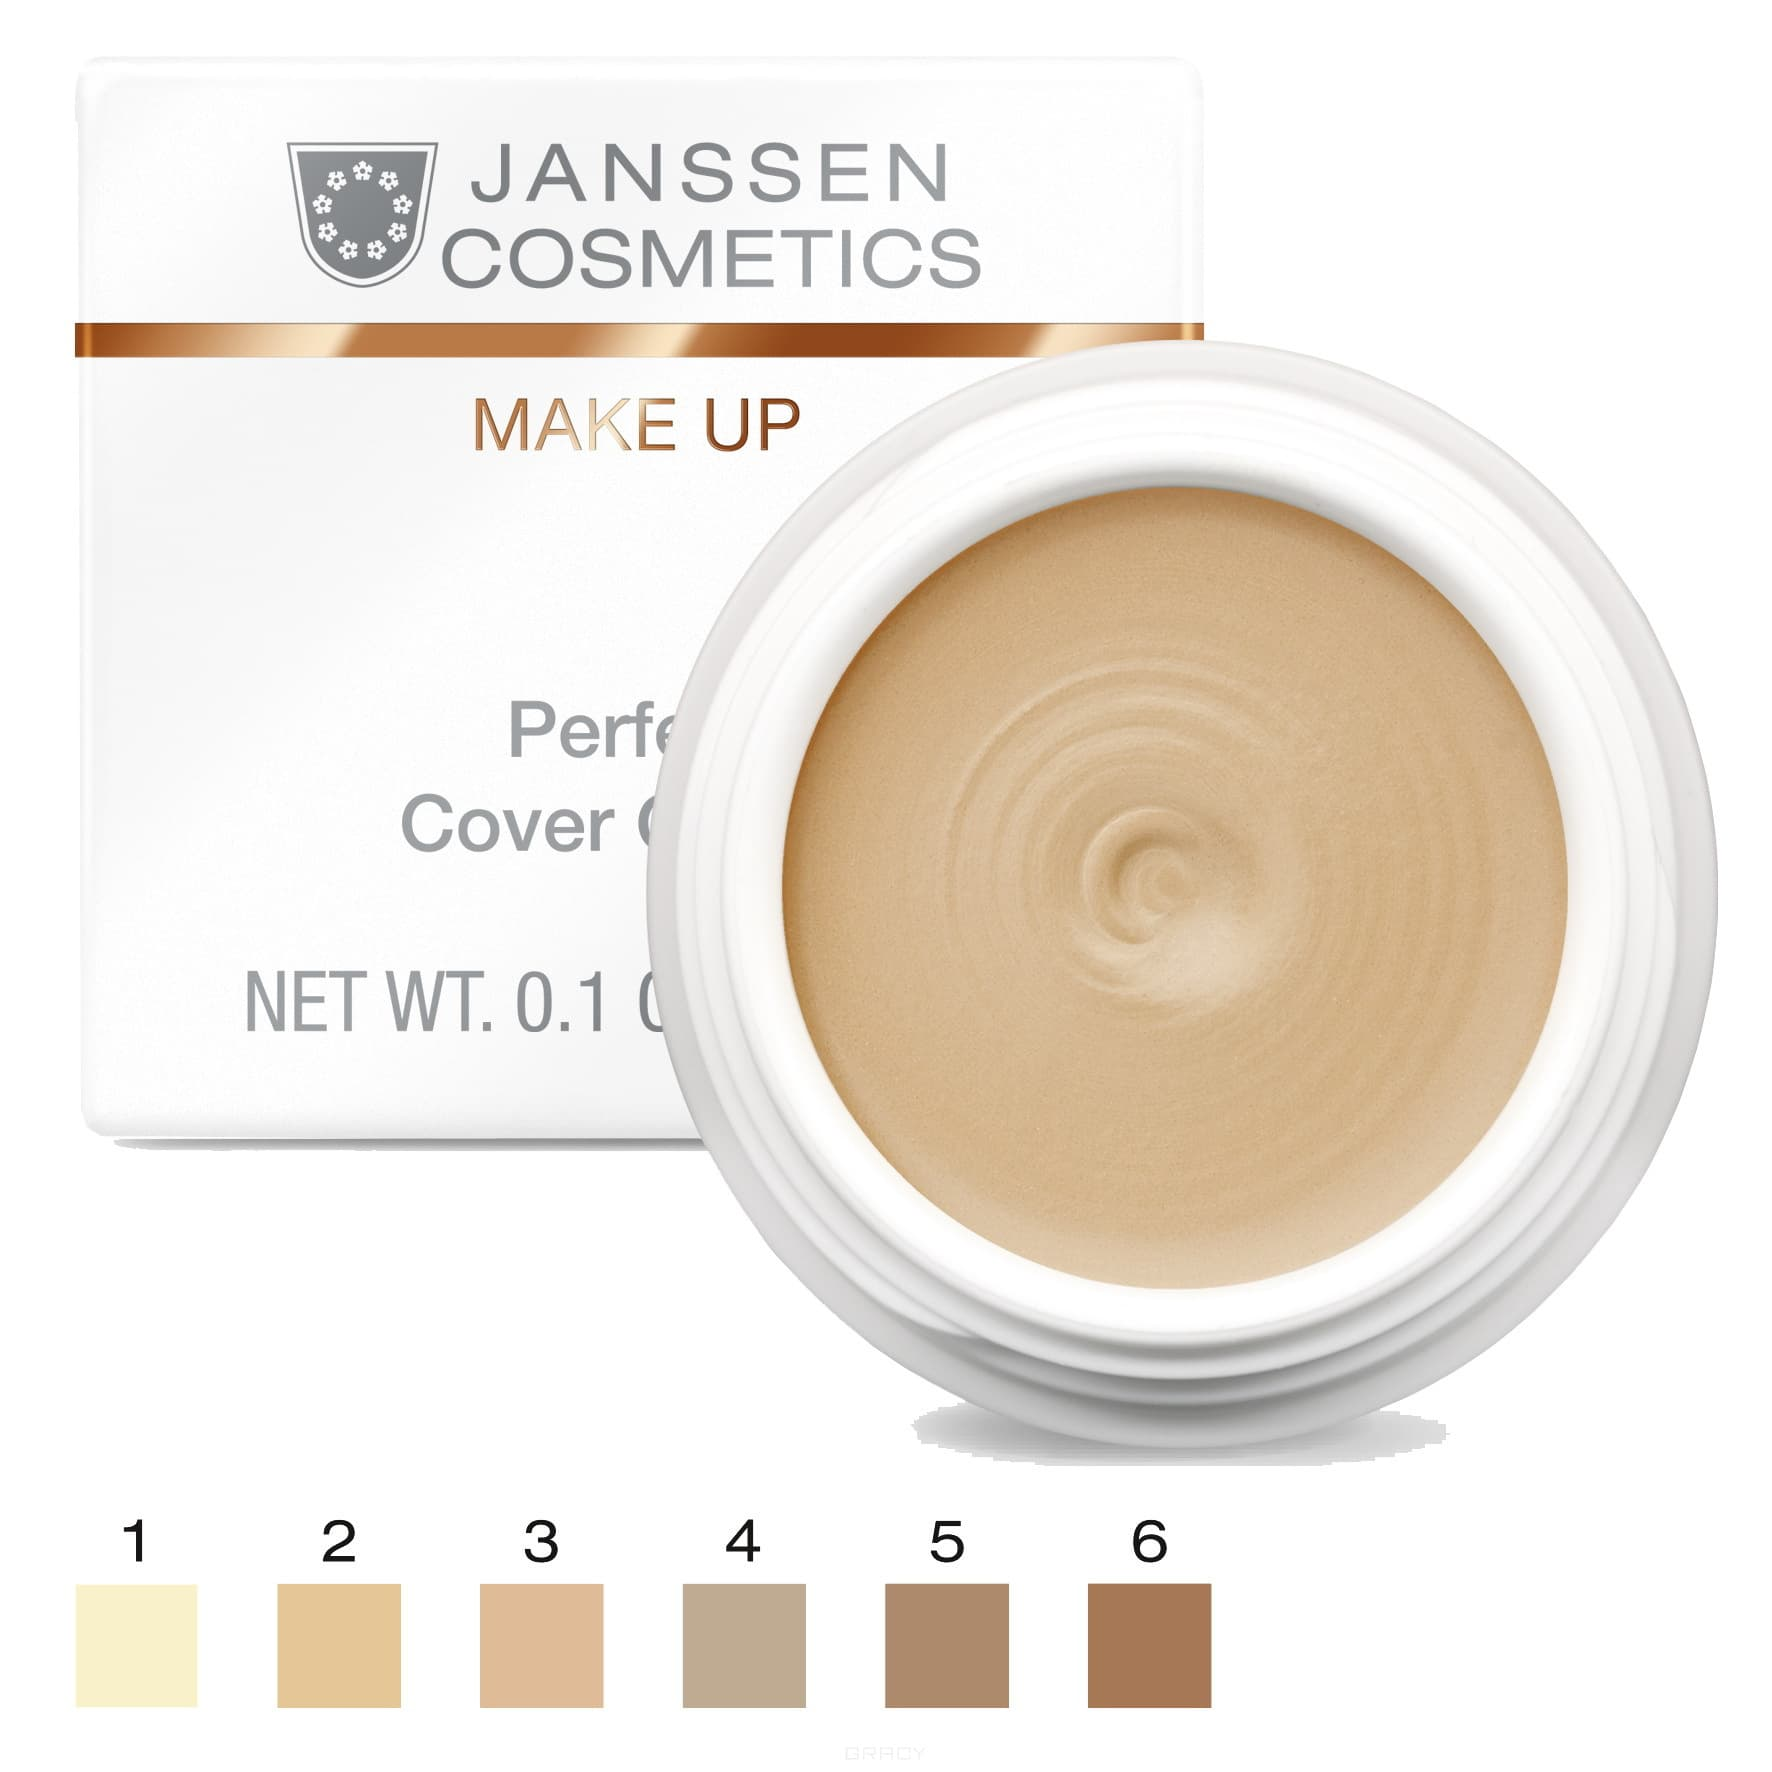 Janssen, Тональный крем - камуфляж Perfect Cover Cream (5 оттенков), 5 мл крем для лица janssen